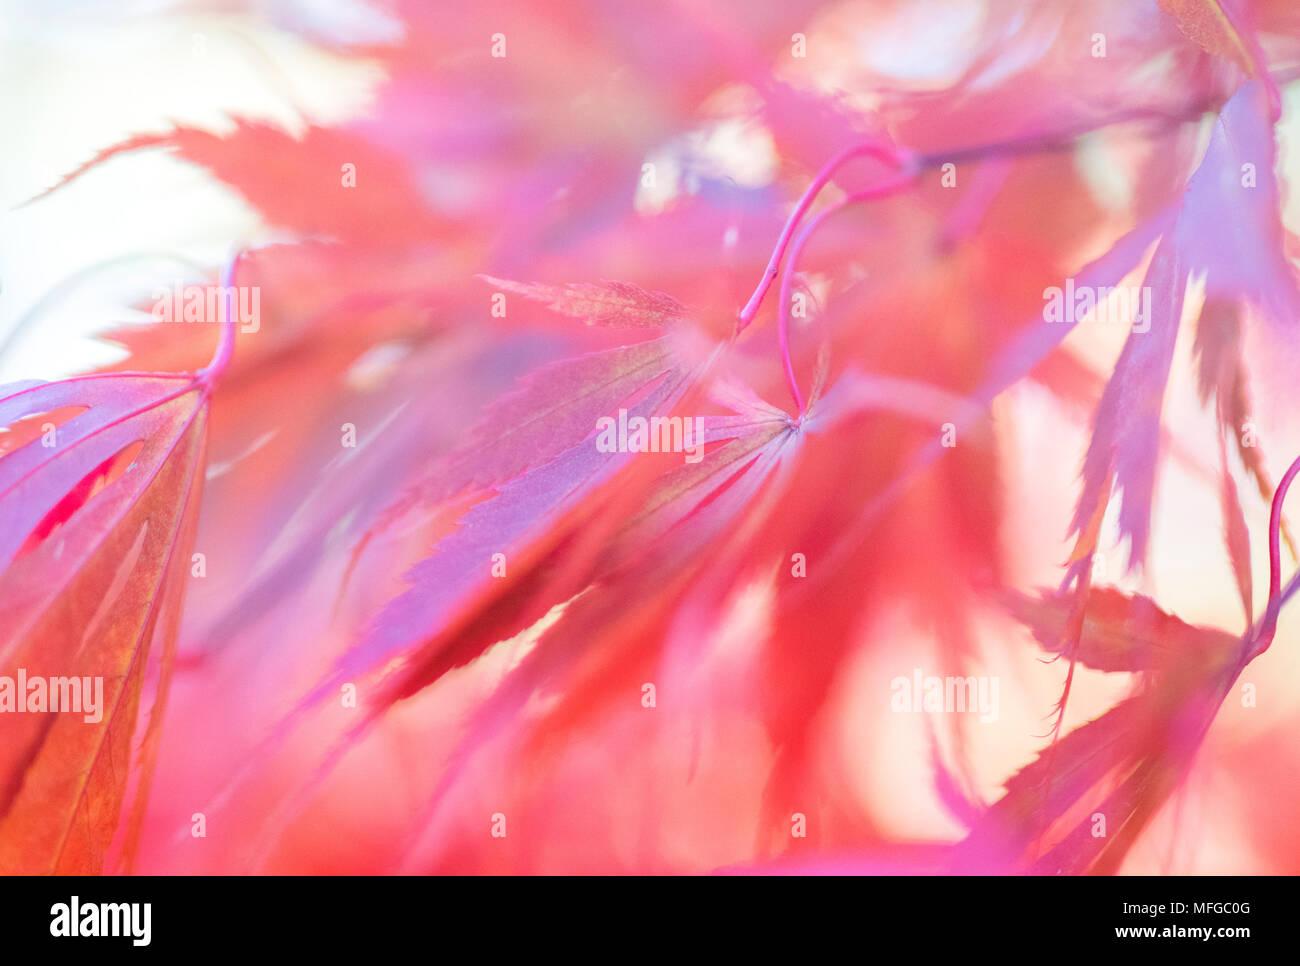 Herbst Blätter rosa Schatten im Arboretum Stockbild